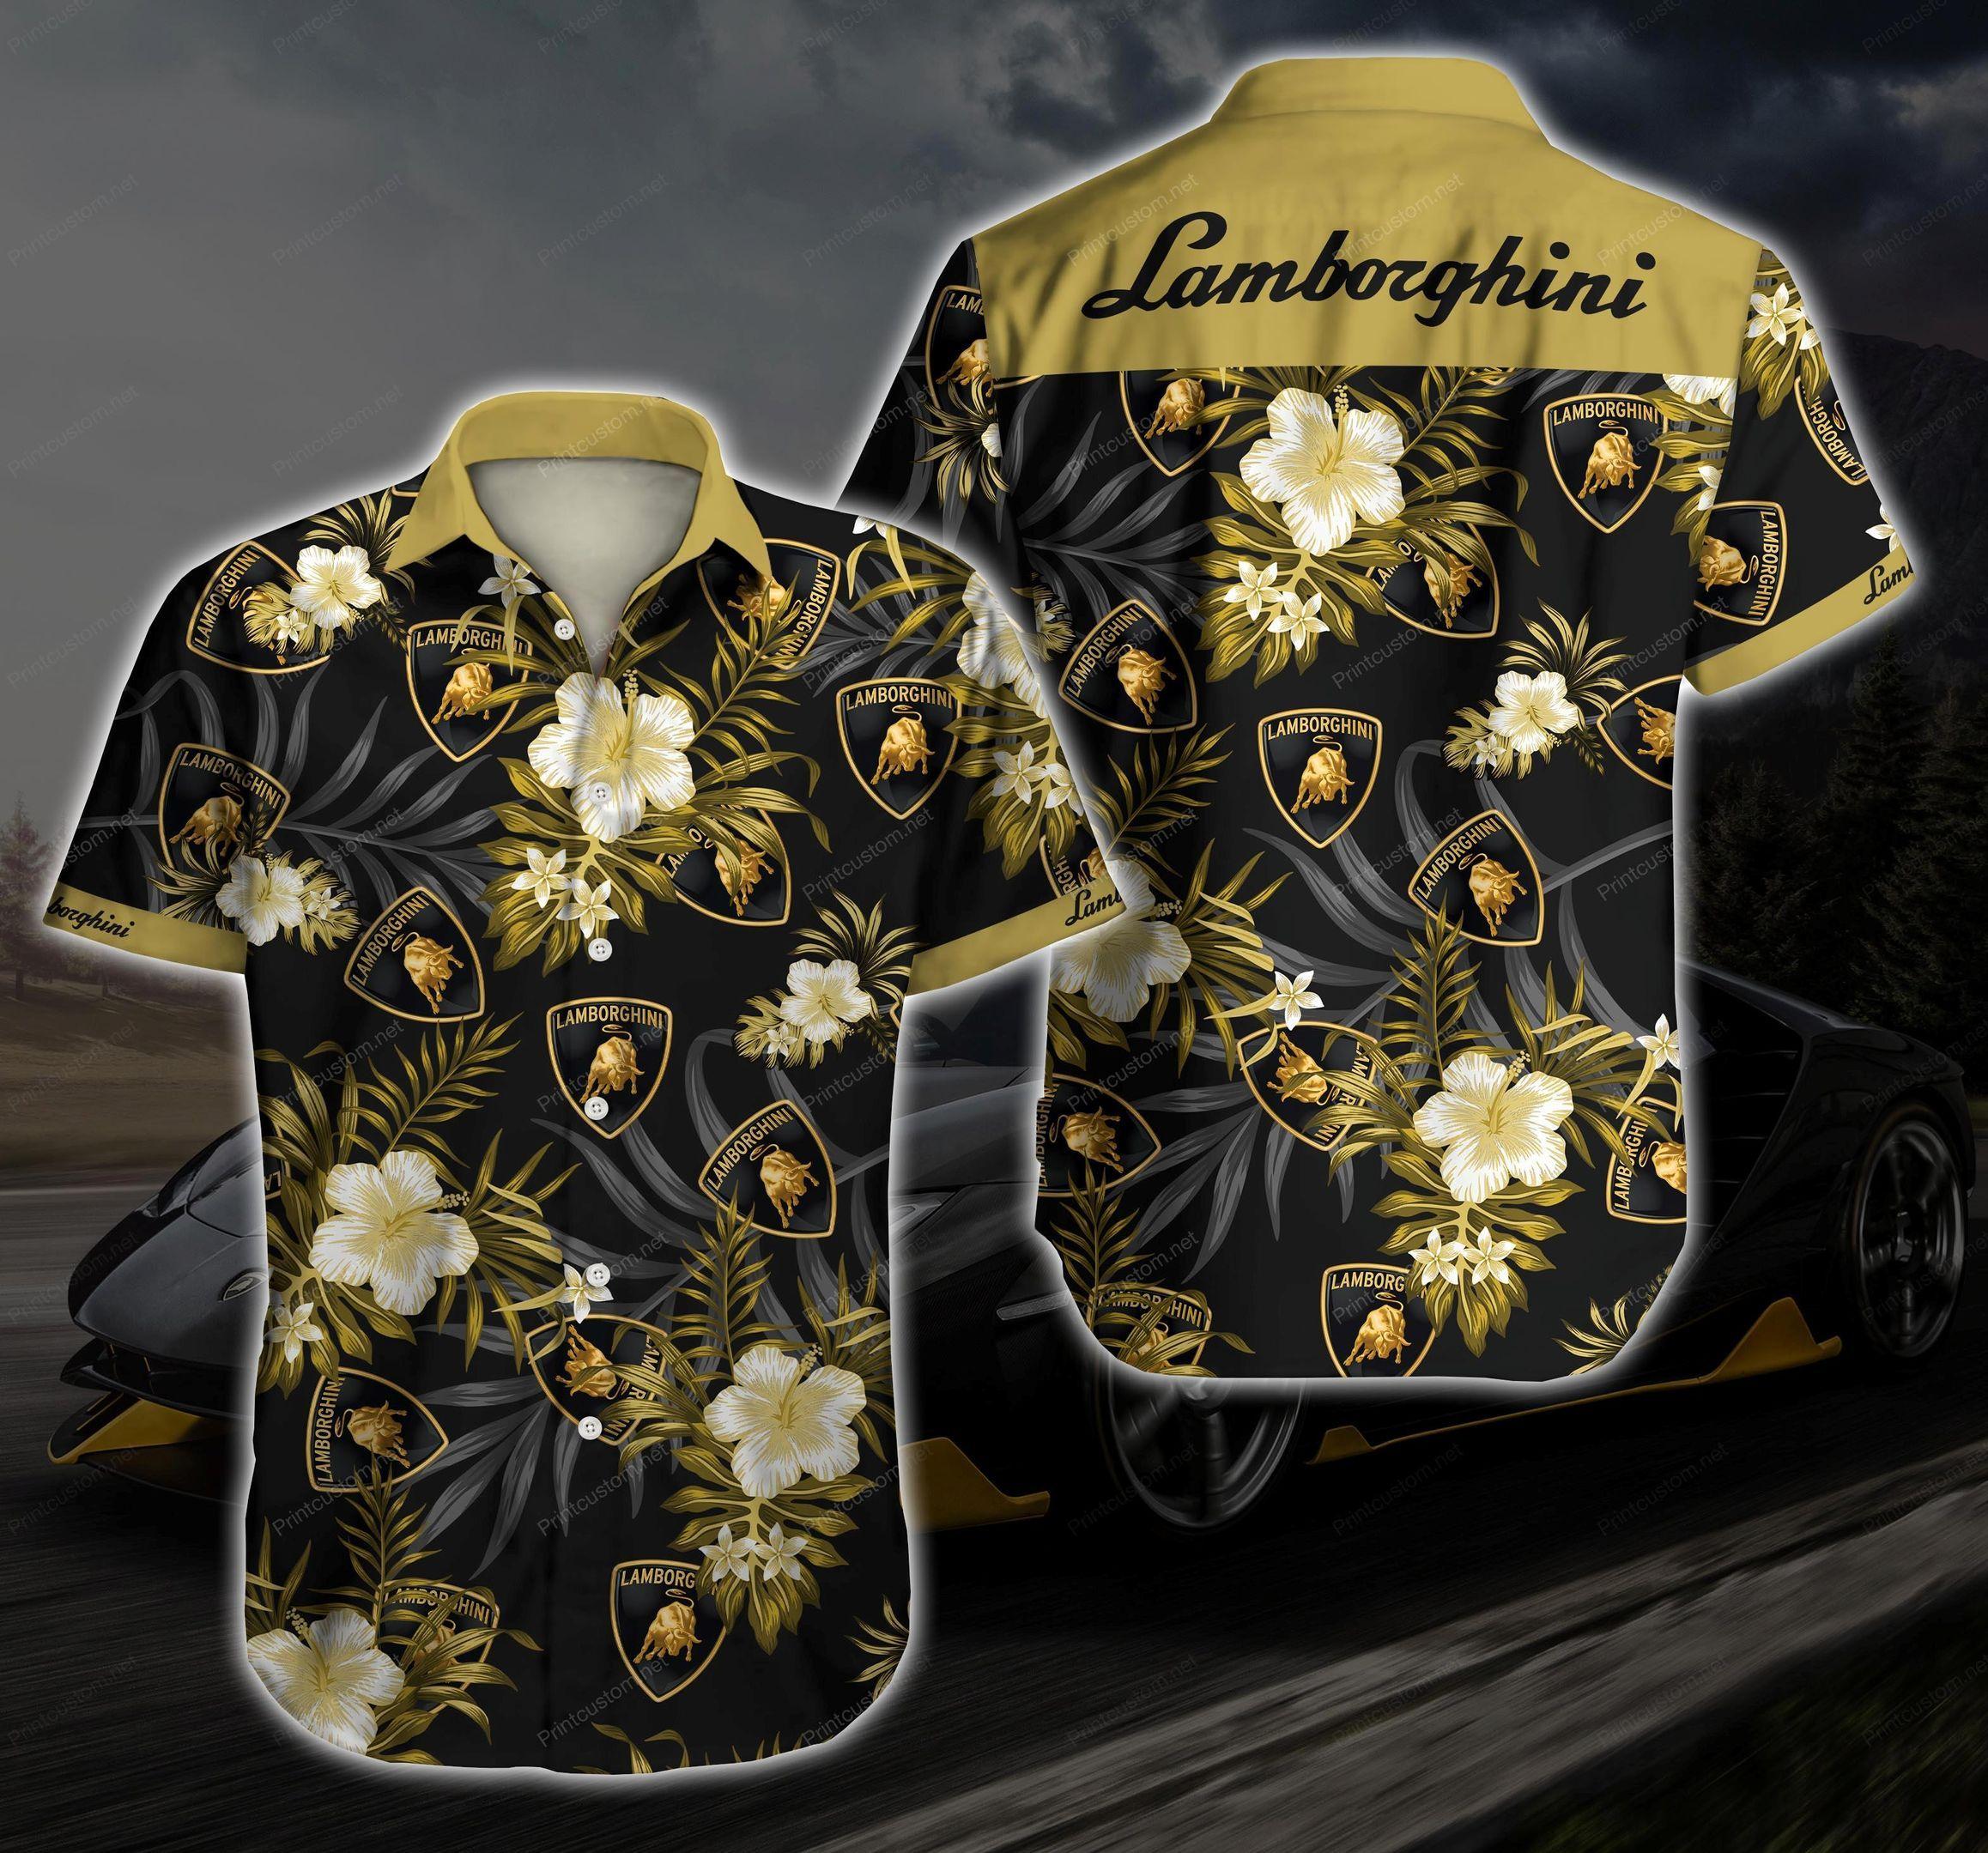 Lamborghini Ver 2 Hawaii Shirt